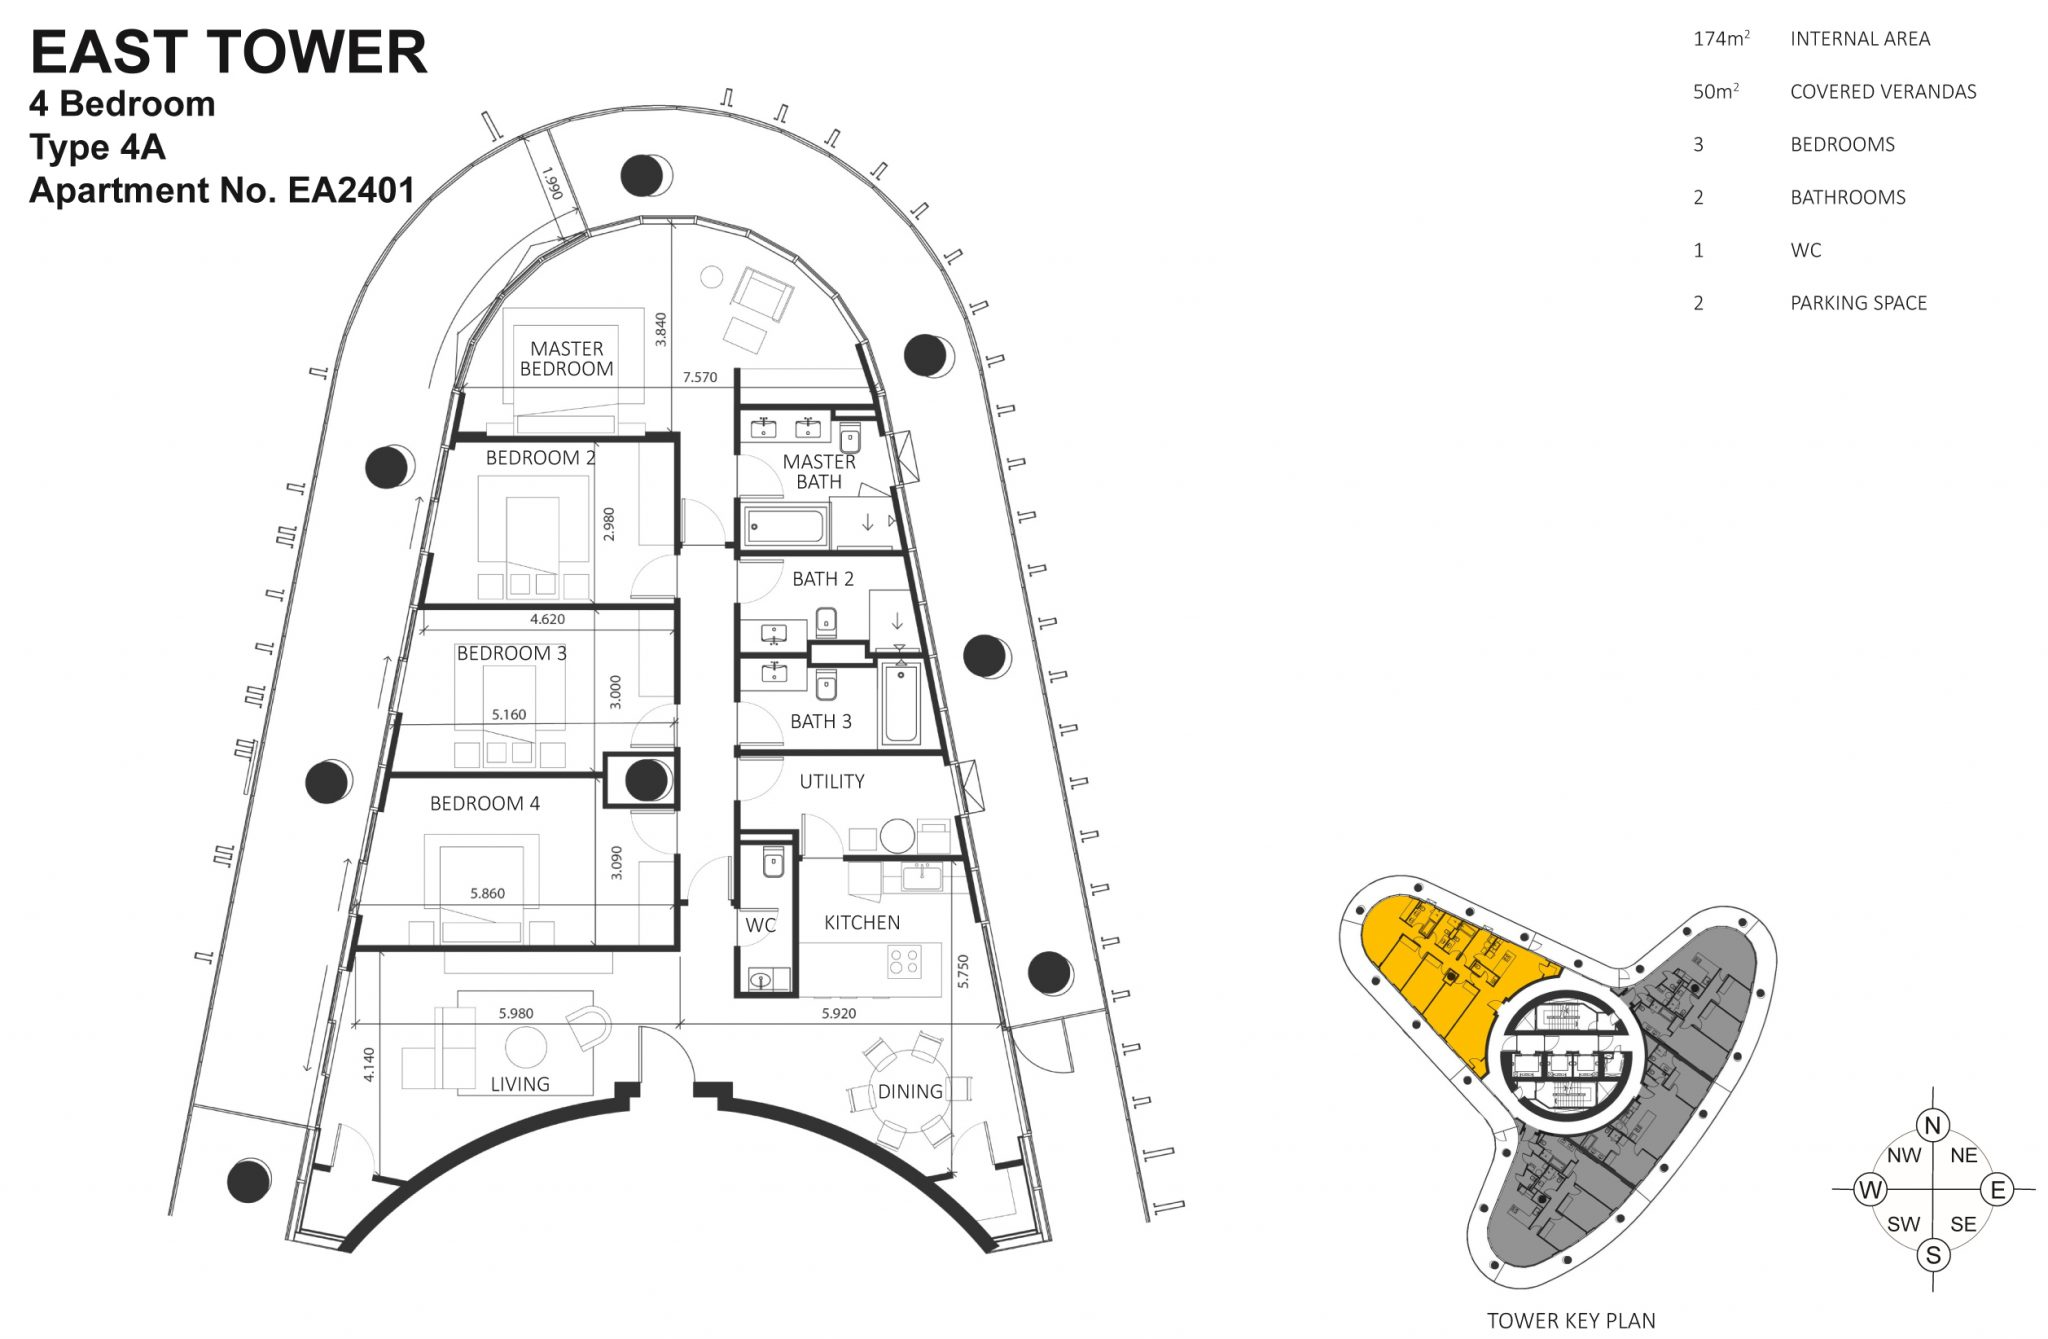 1563 - 4 Bedroom Apartment - Ayia Napa Marina floorplan